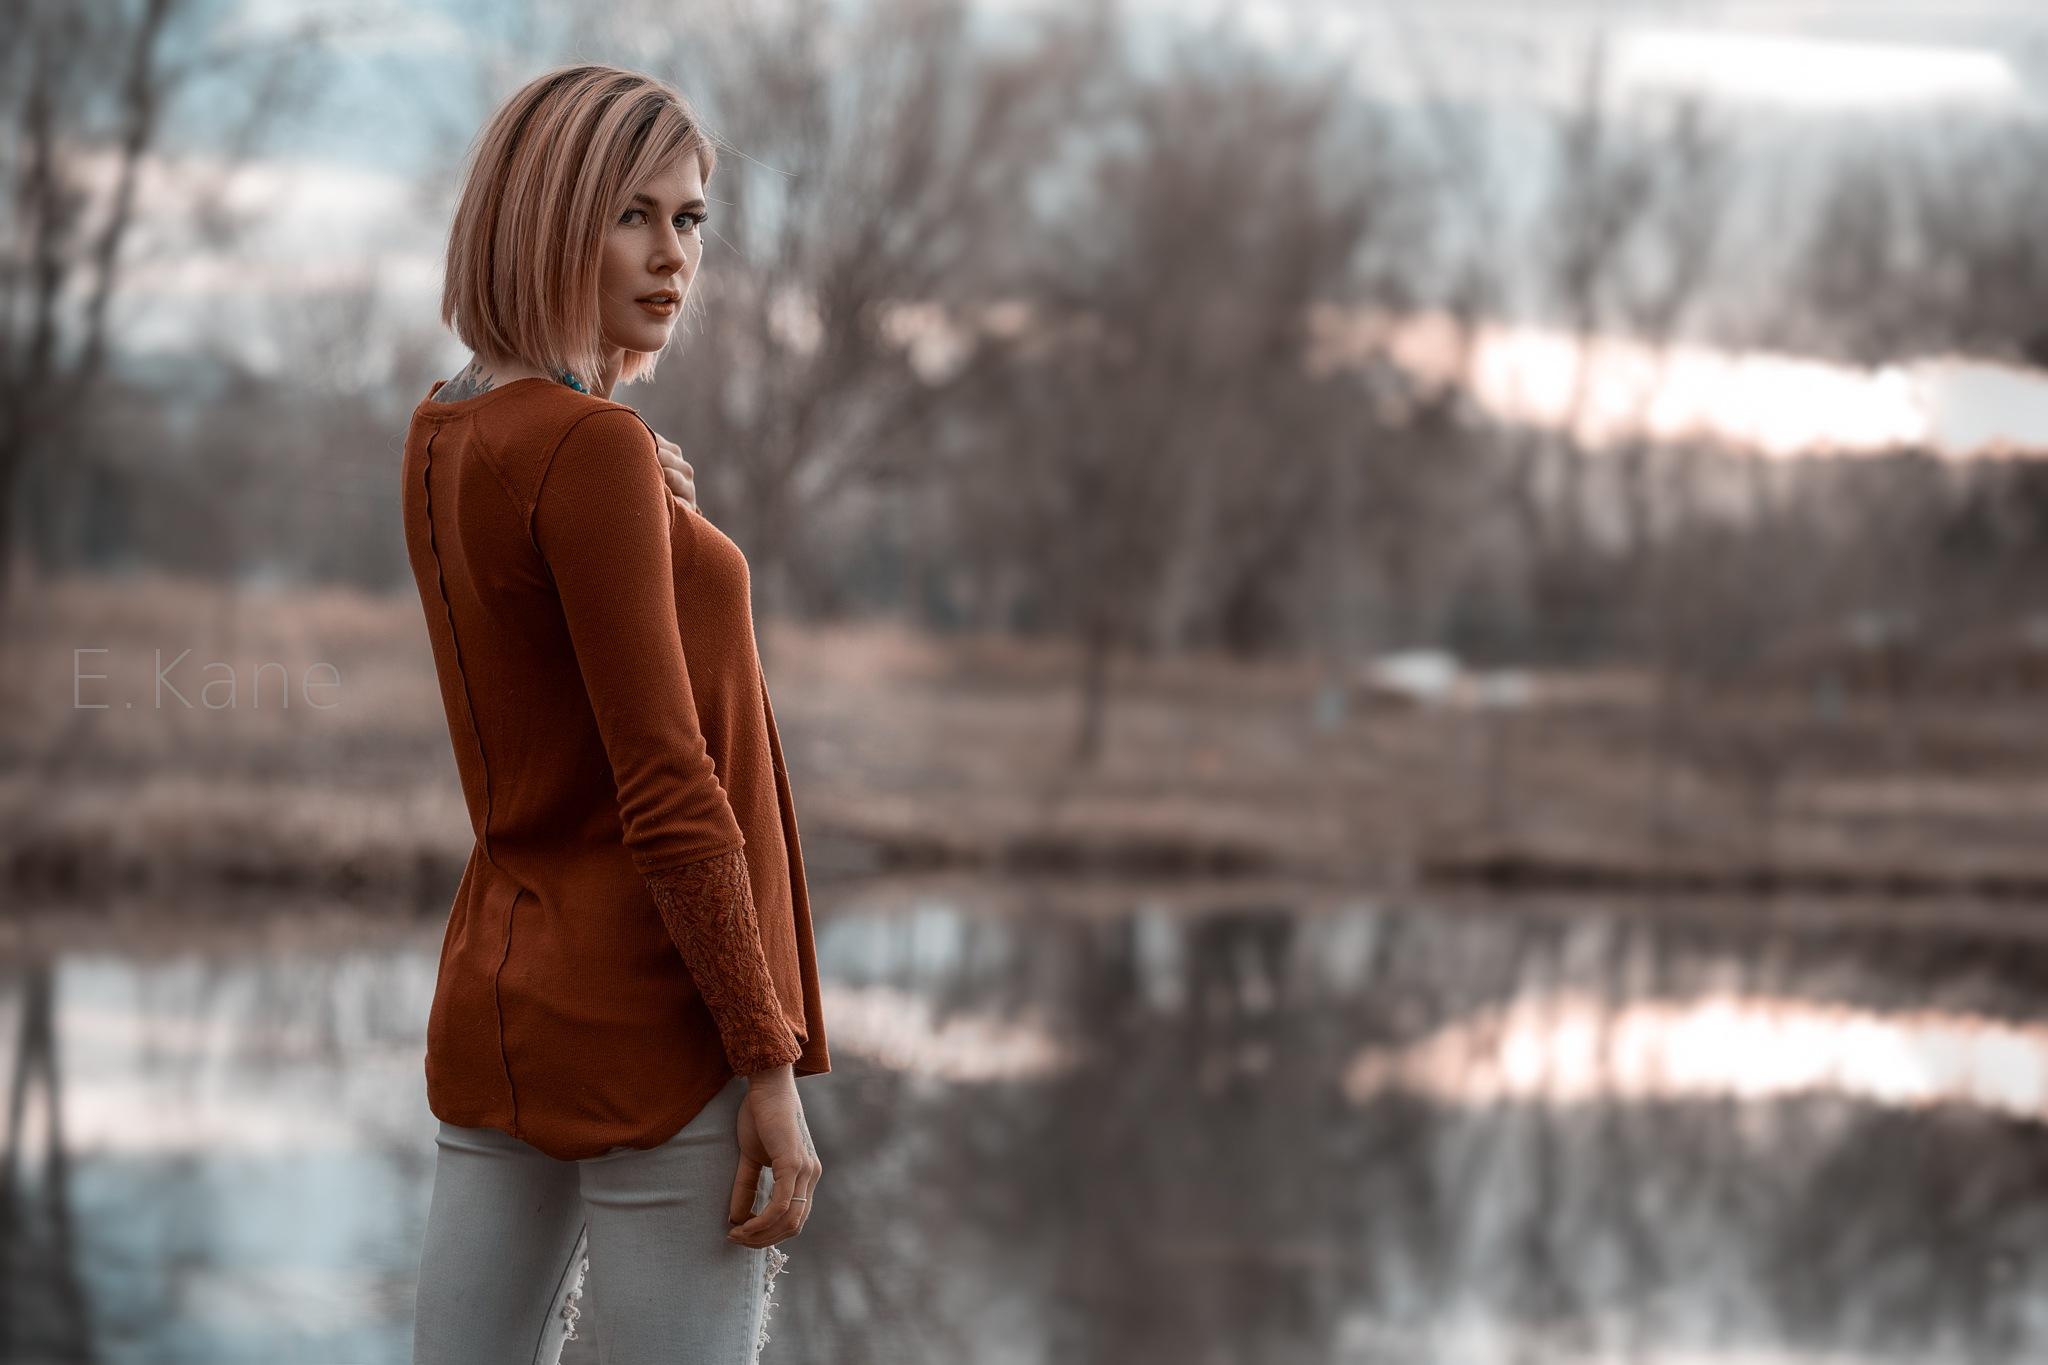 Natalie by Evan Kane